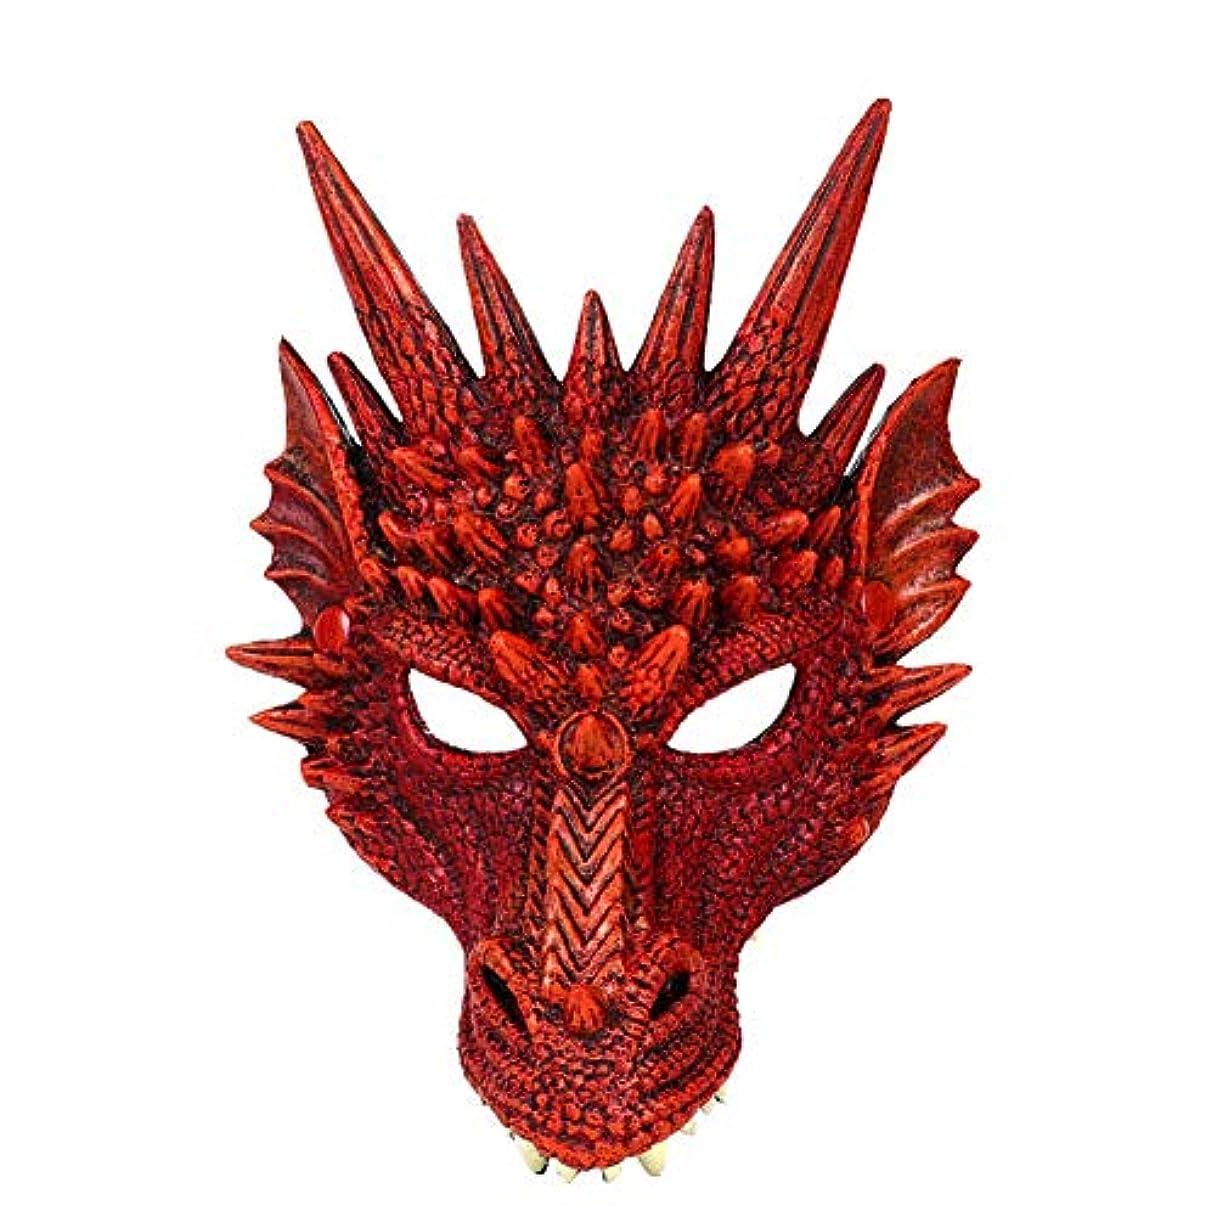 サワーバルブ浮くEsolom 4Dドラゴンマスク ハーフマスク 10代の子供のためのハロウィンコスチューム パーティーの装飾 テーマパーティー用品 ドラゴンコスプレ小道具